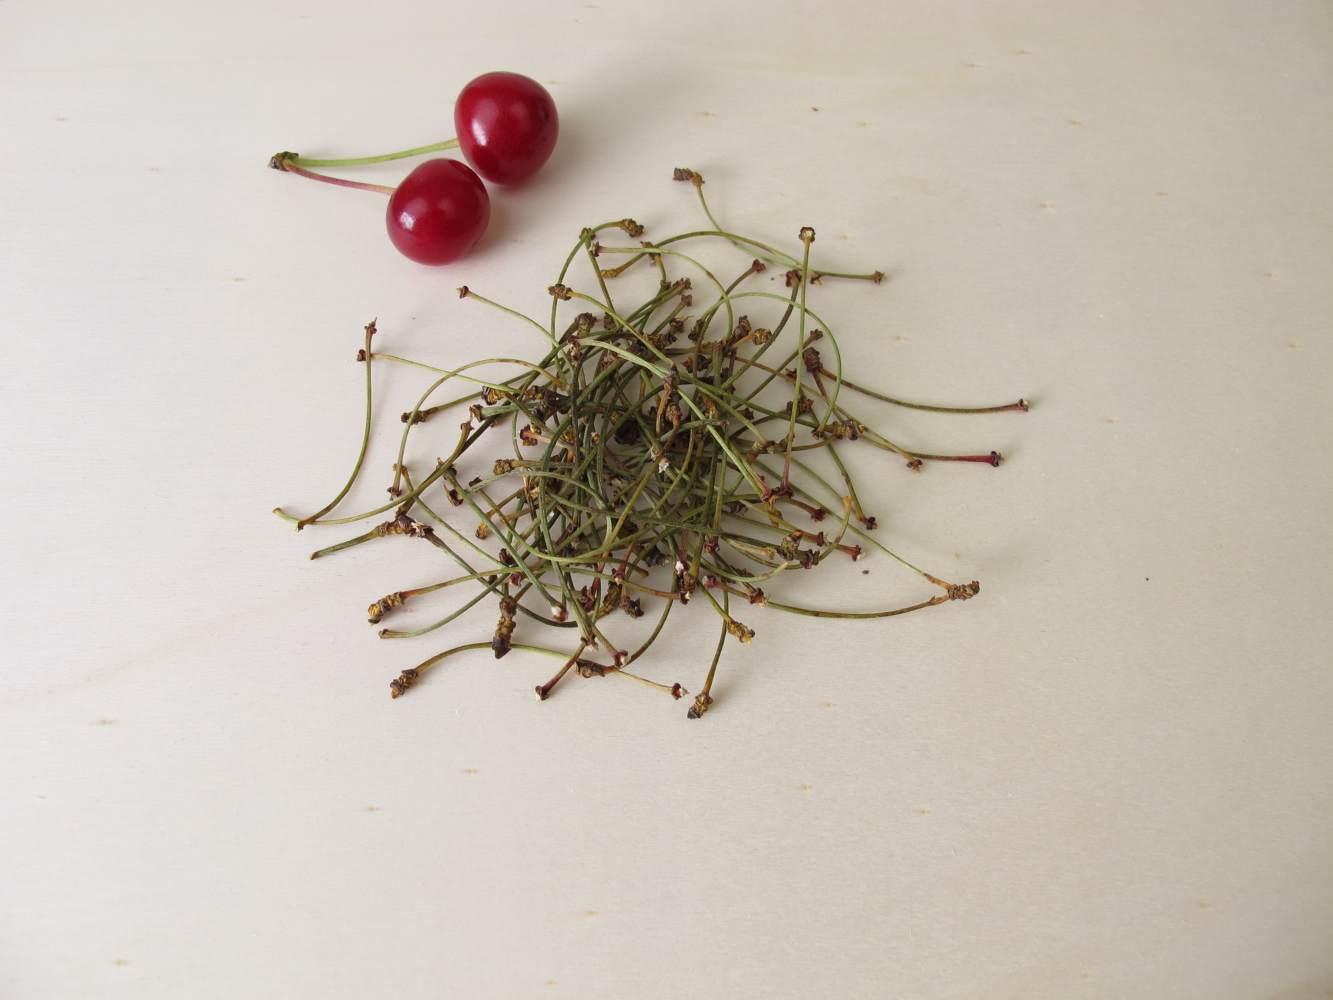 pés de cereja para preparar chá